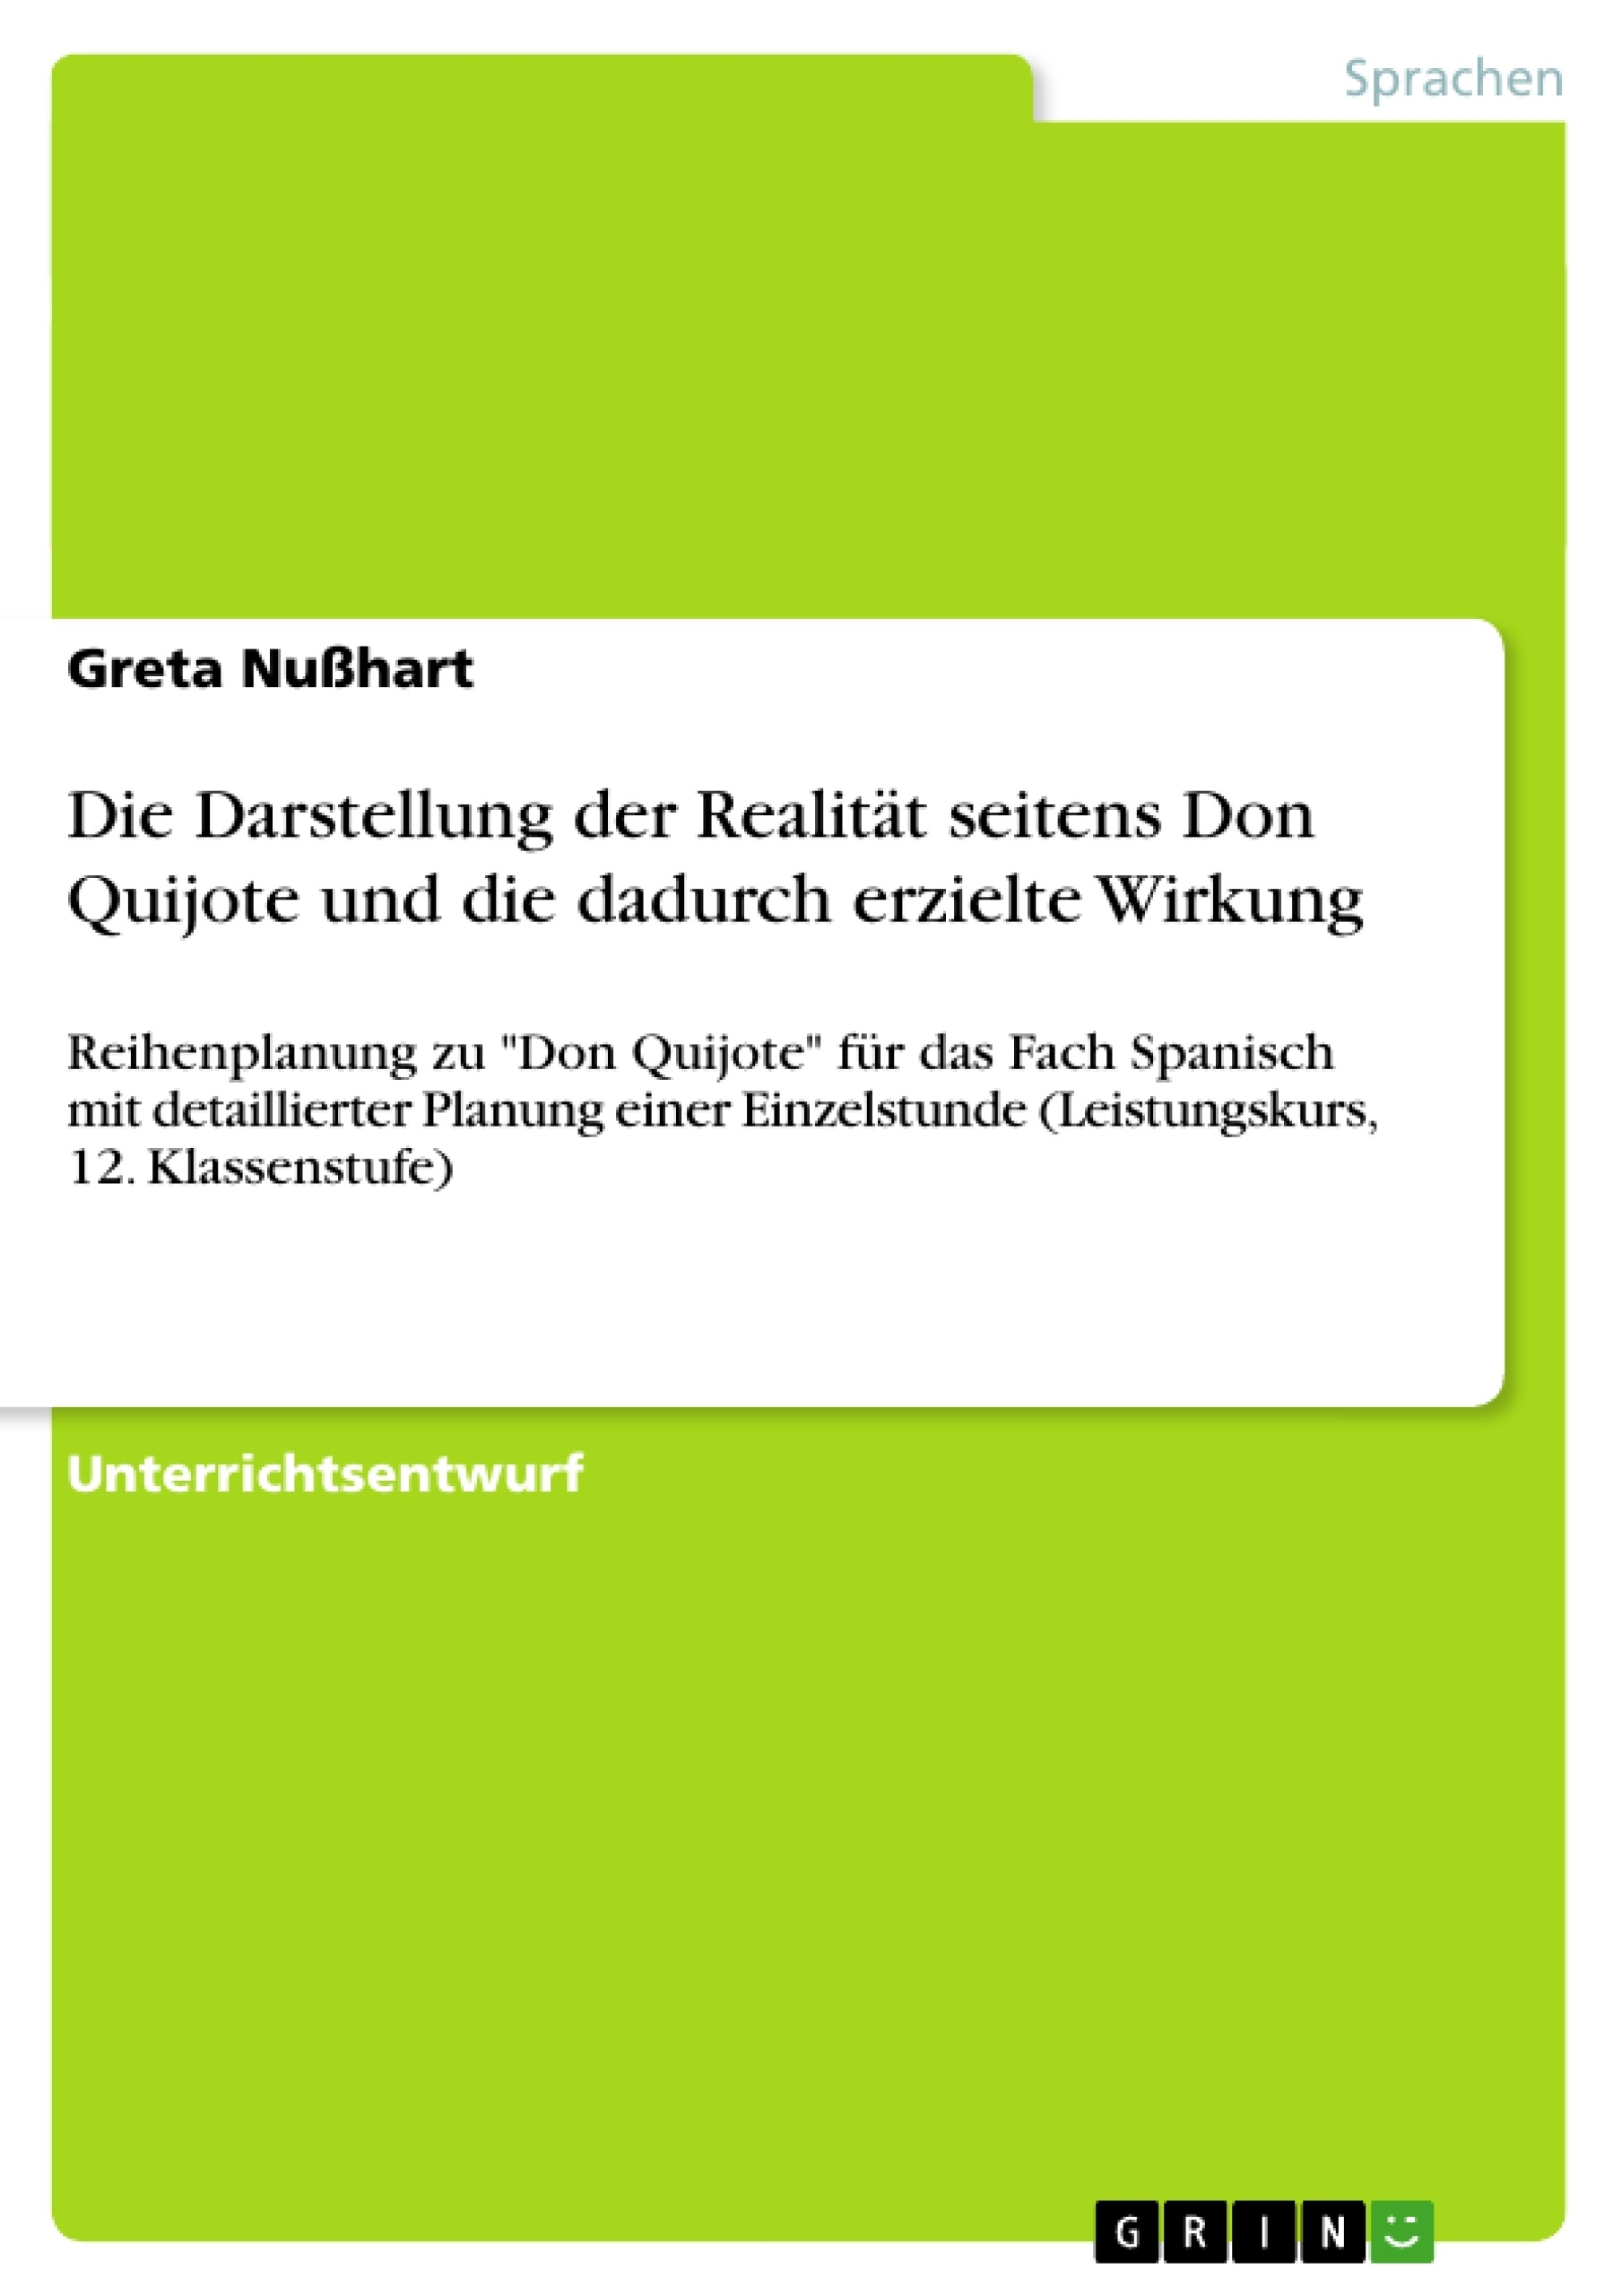 Titel: Die Darstellung der Realität seitens Don Quijote und die dadurch erzielte Wirkung